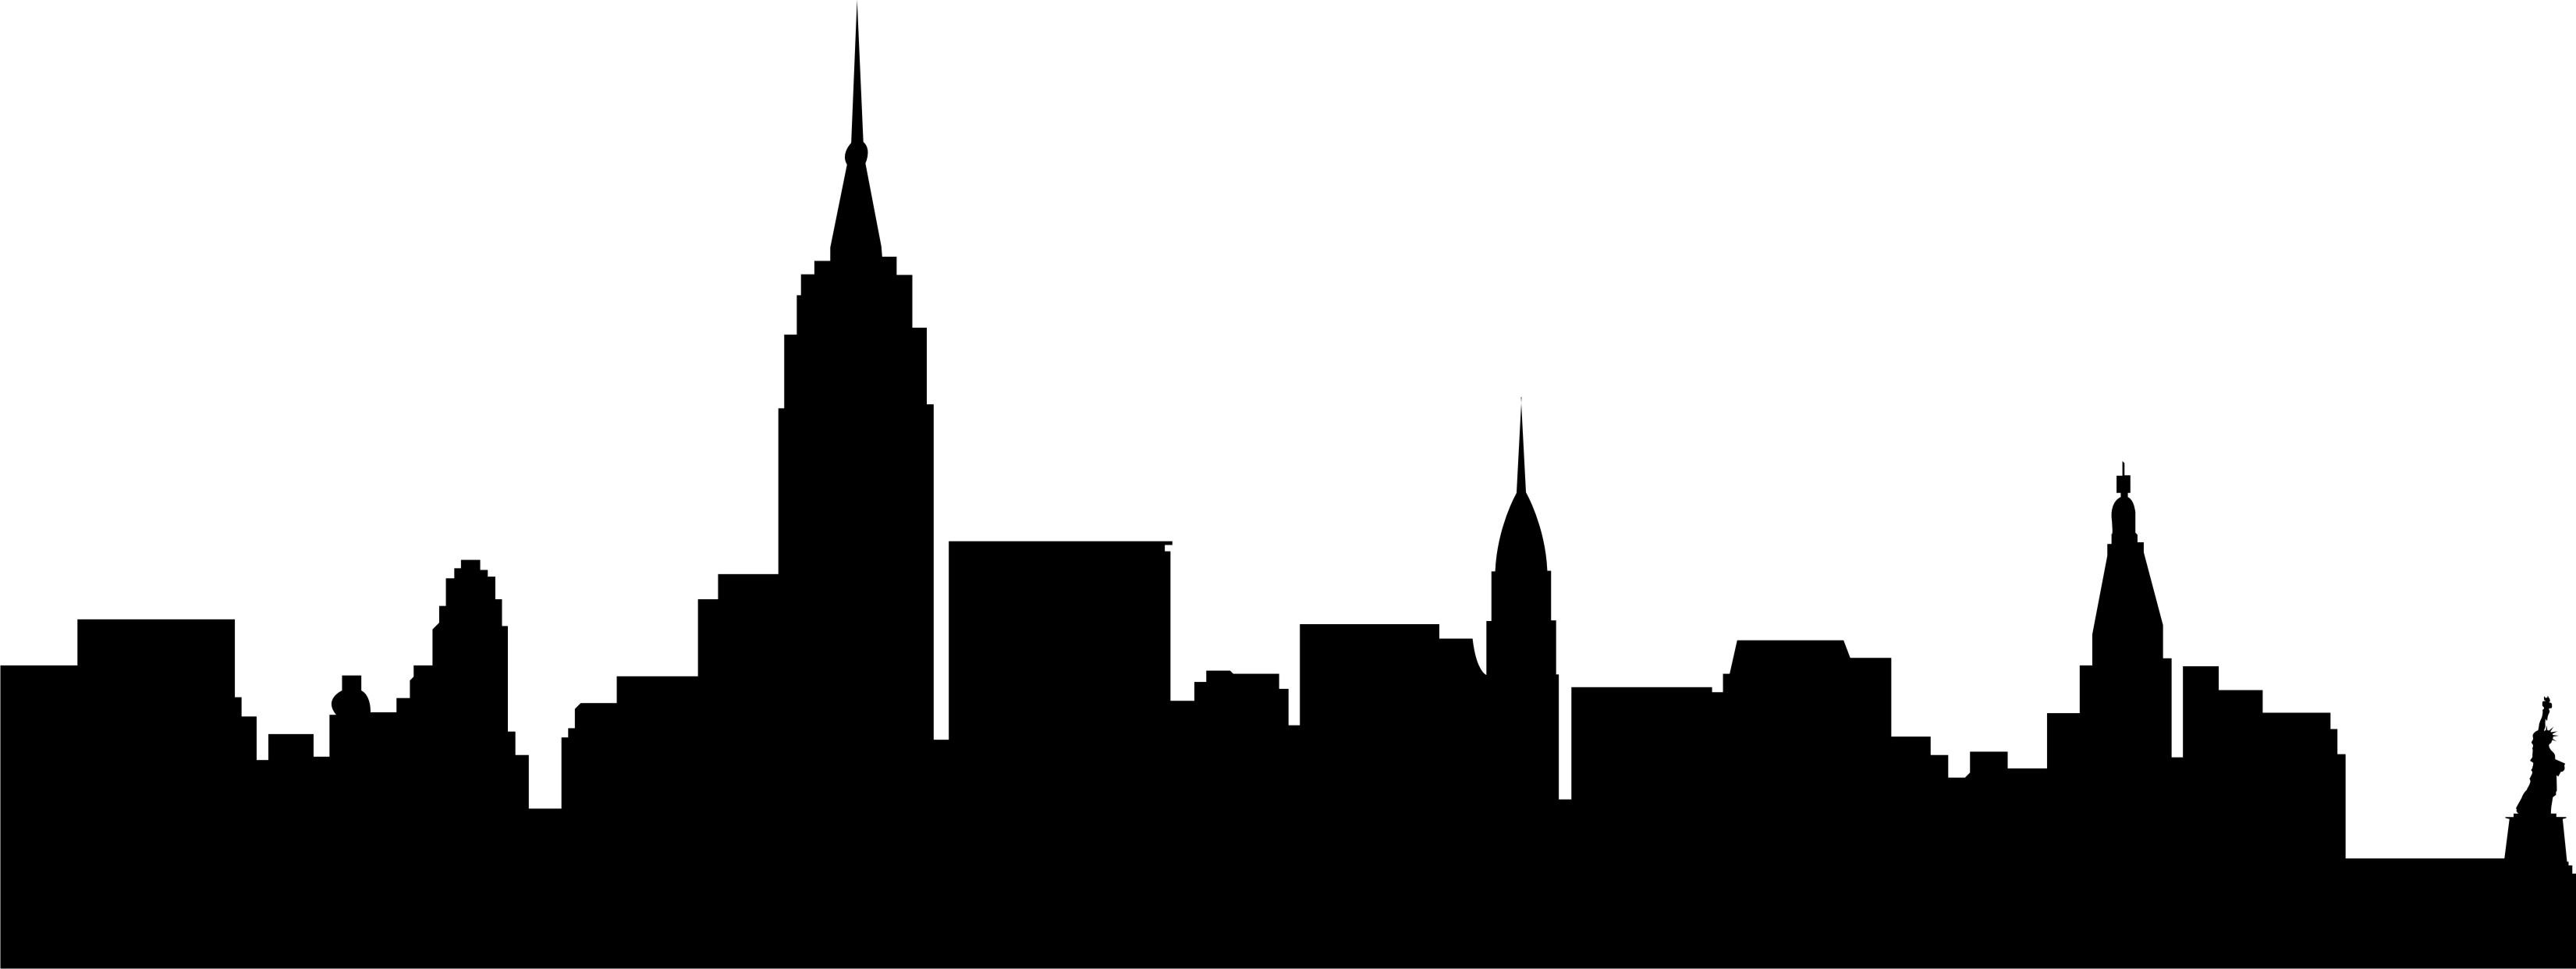 3302x1242 Building Clipart Skyline